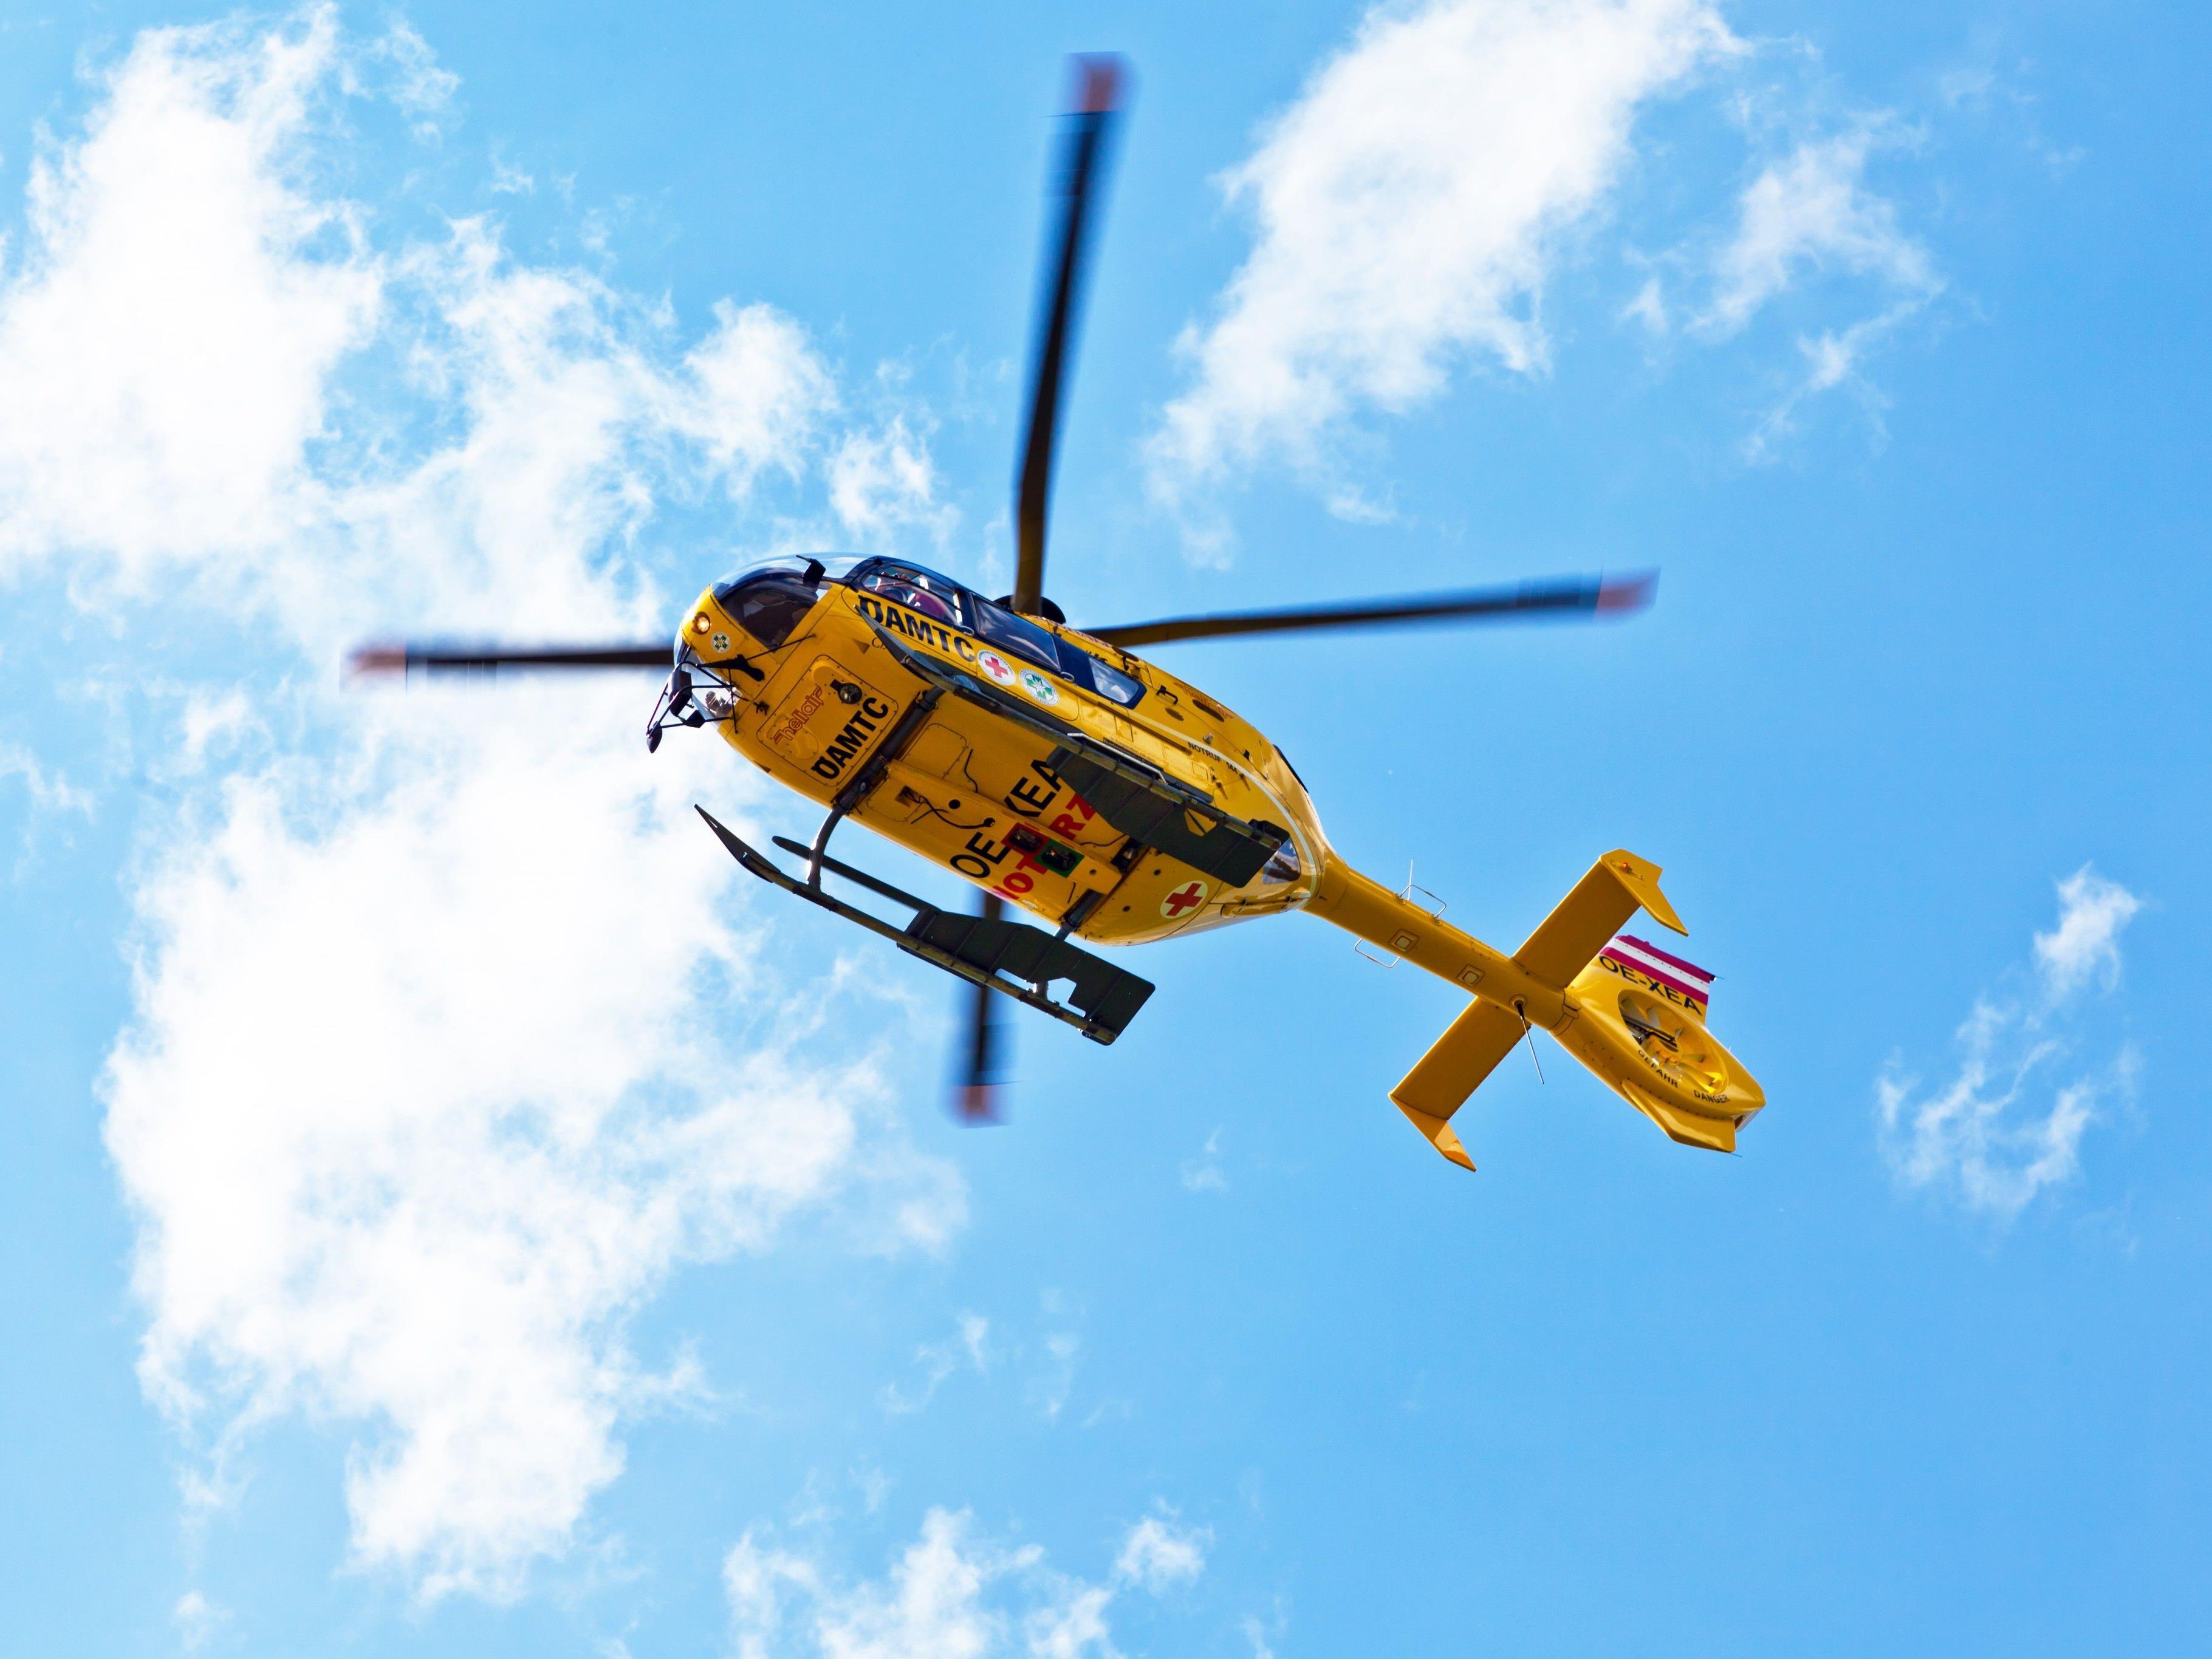 Der verletzte 50-Jährige wurde mit dem Hubschrauber in ein Krankenhaus gebracht